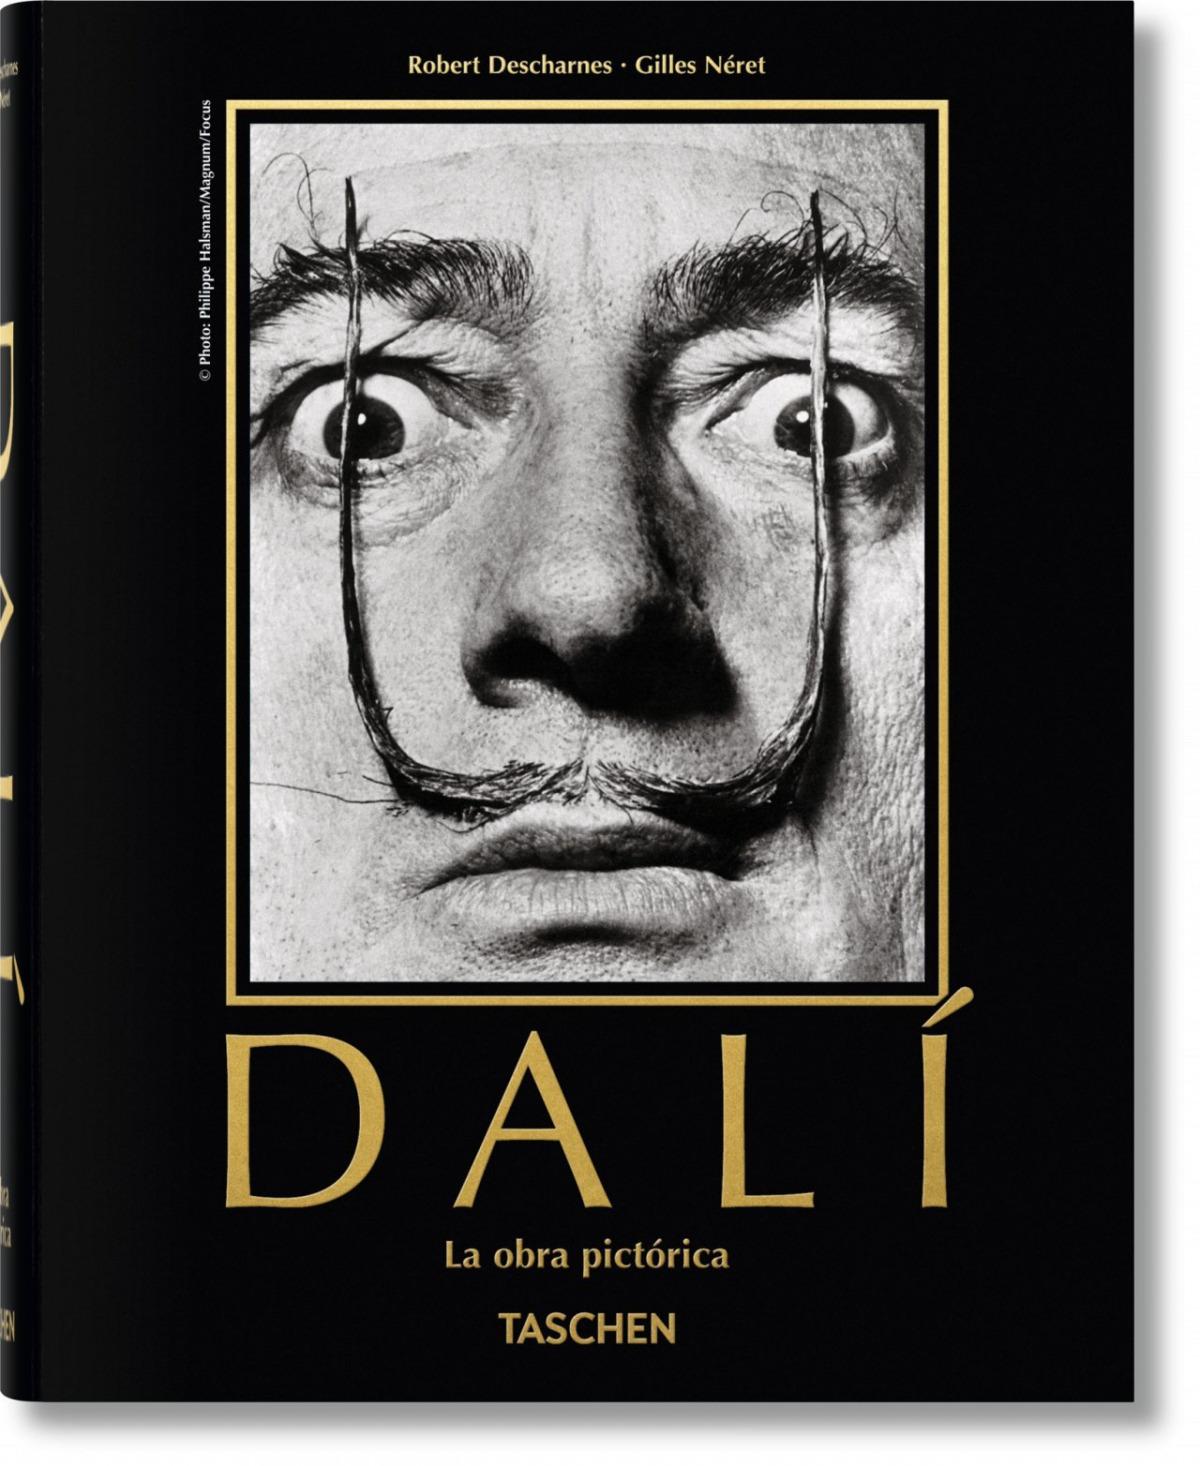 Dalí. La obra pictórica (25 aniversario)